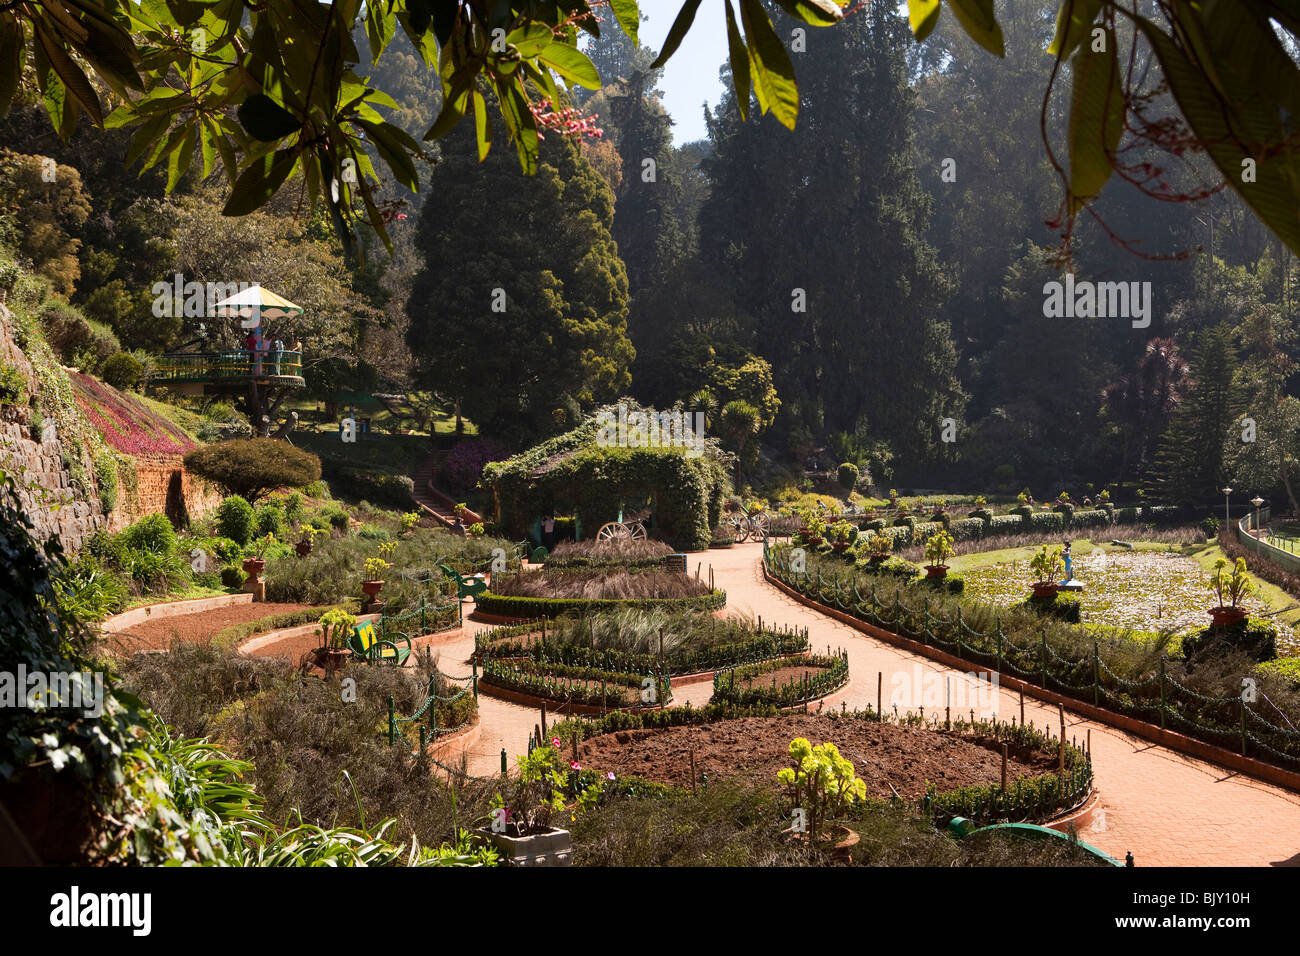 Indian Botanical Gardens Stock Photos & Indian Botanical Gardens ...